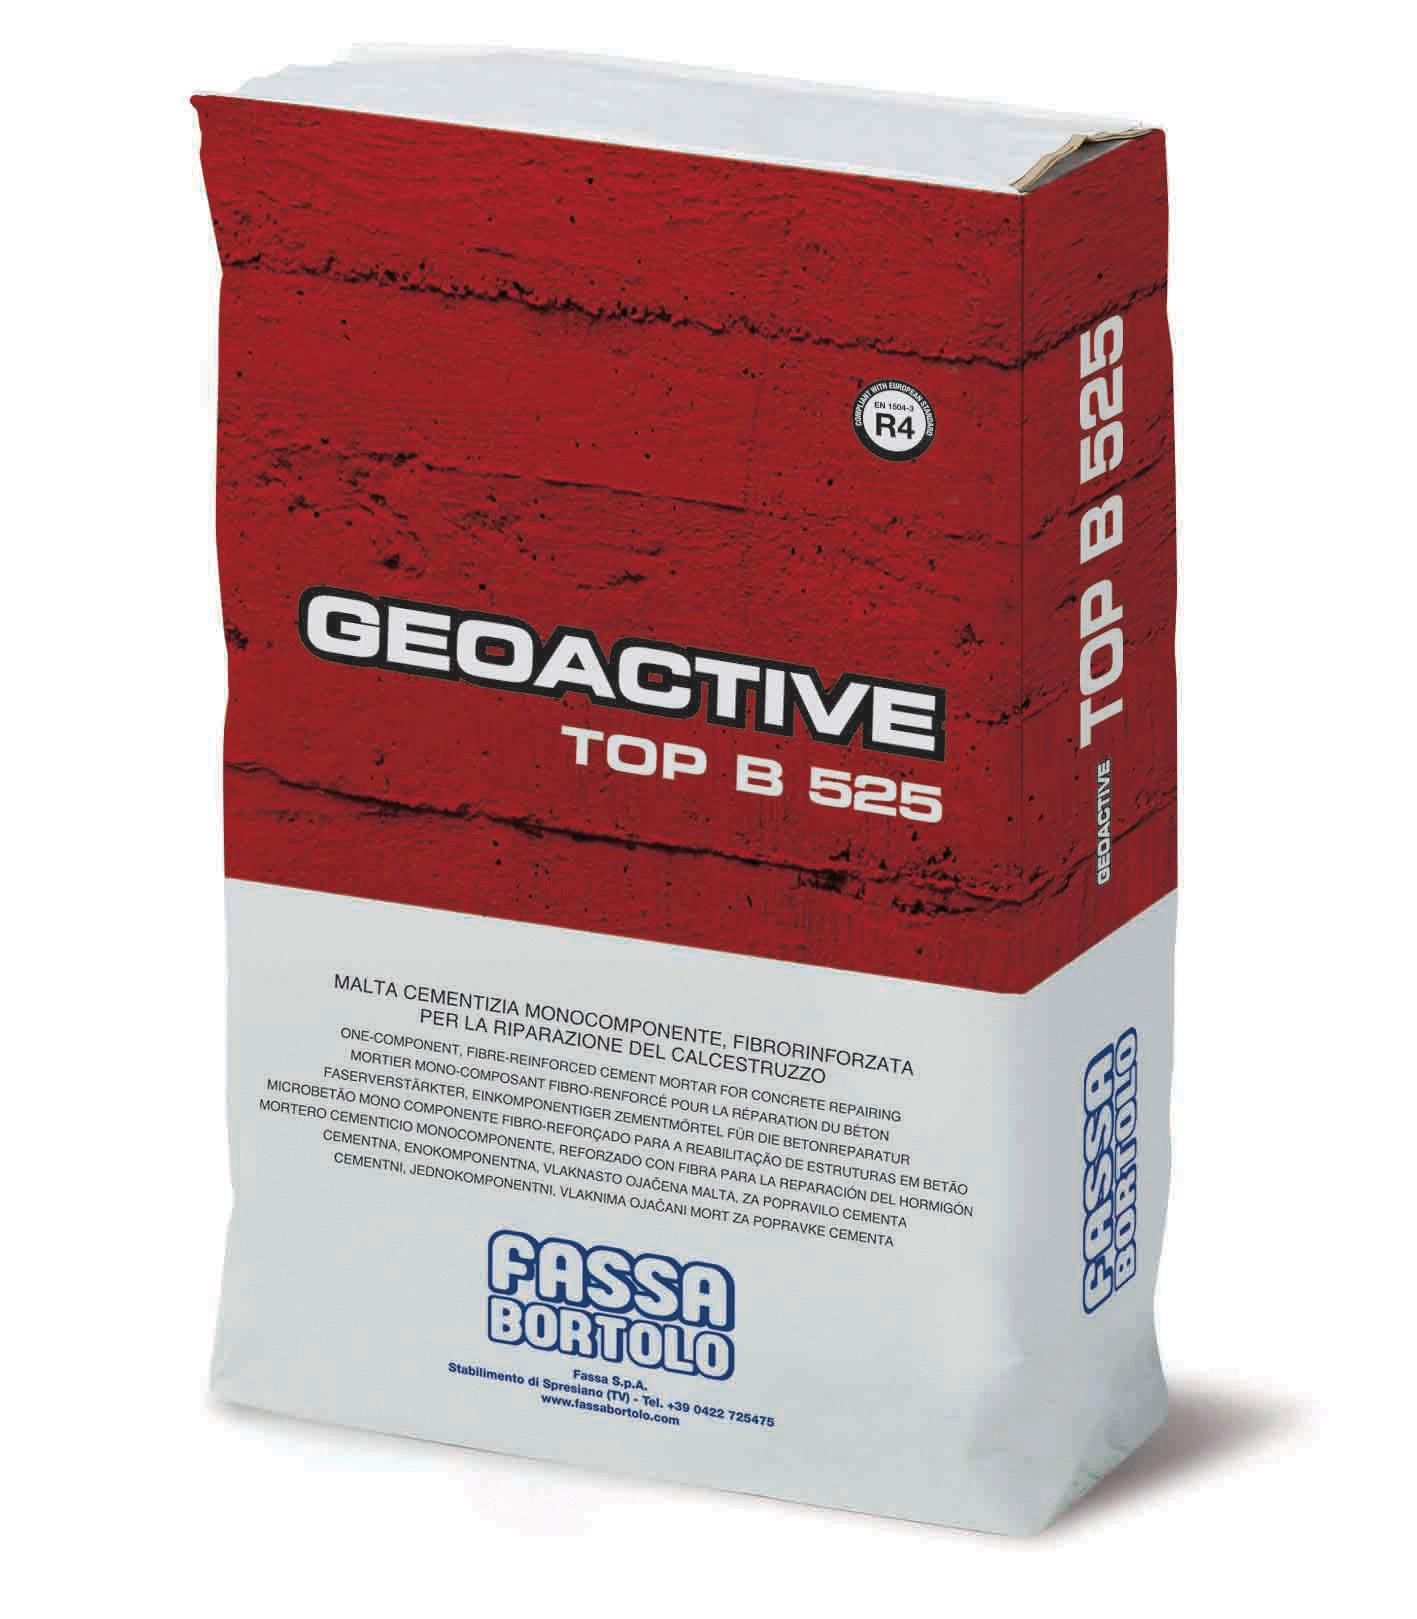 GEOACTIVE TOP B 525: Einkomponentiger thixotroper Zementmörtel, faserverstärkt und schwindkompensiert, sulfatbeständigen Zement beinhaltend, spritzbar, für die Reparatur und Wiederherstellung von Betonbauwerken